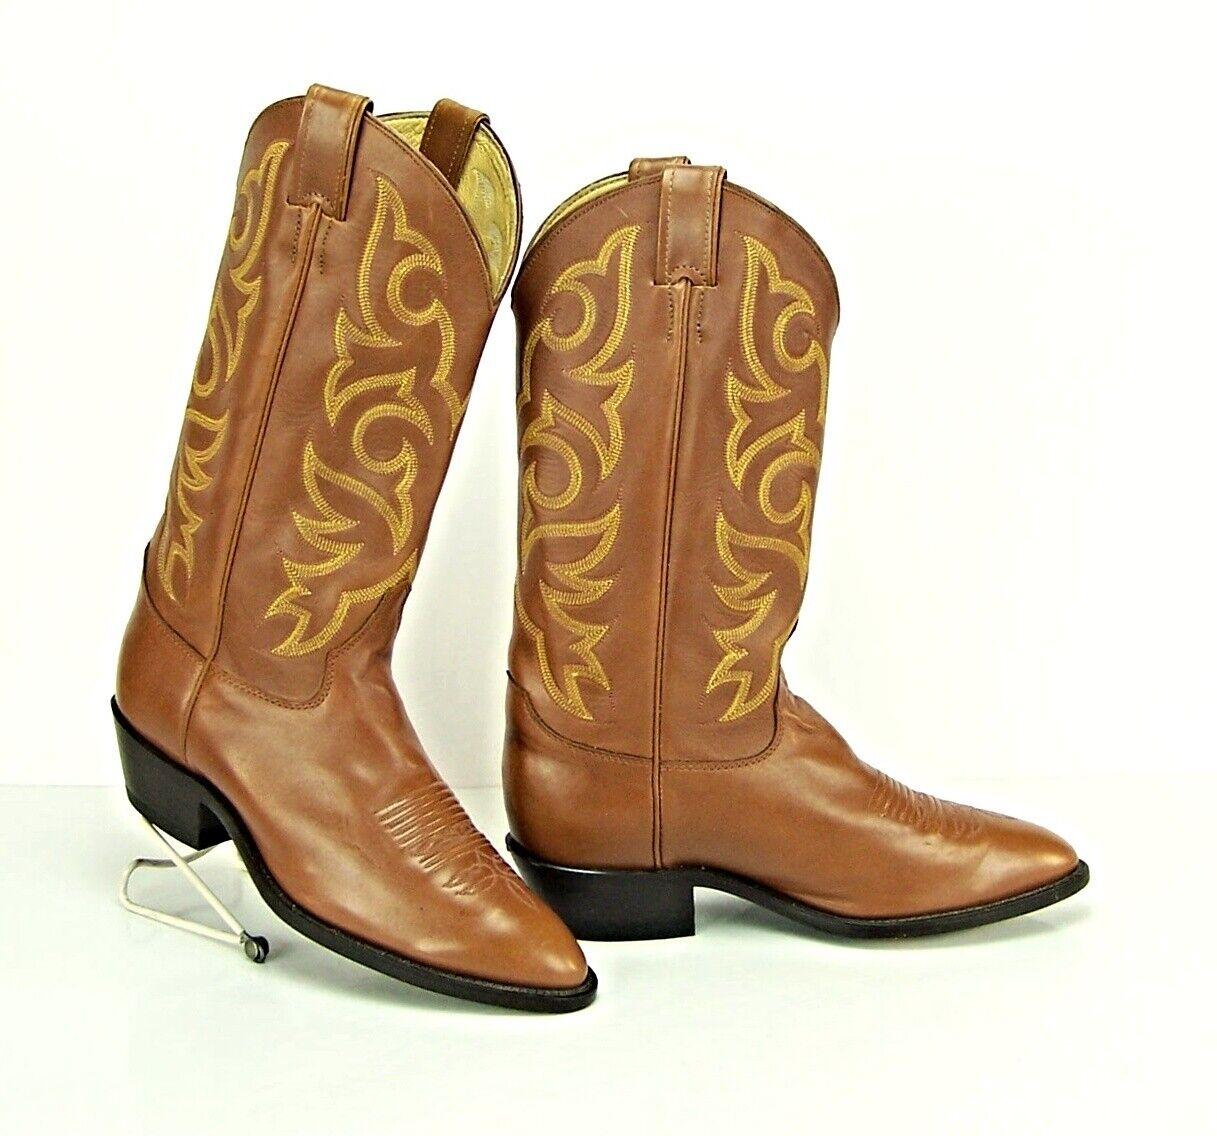 JUSTIN para hombres D Lt Marrón Cuero botas de vaquero occidental estilo St